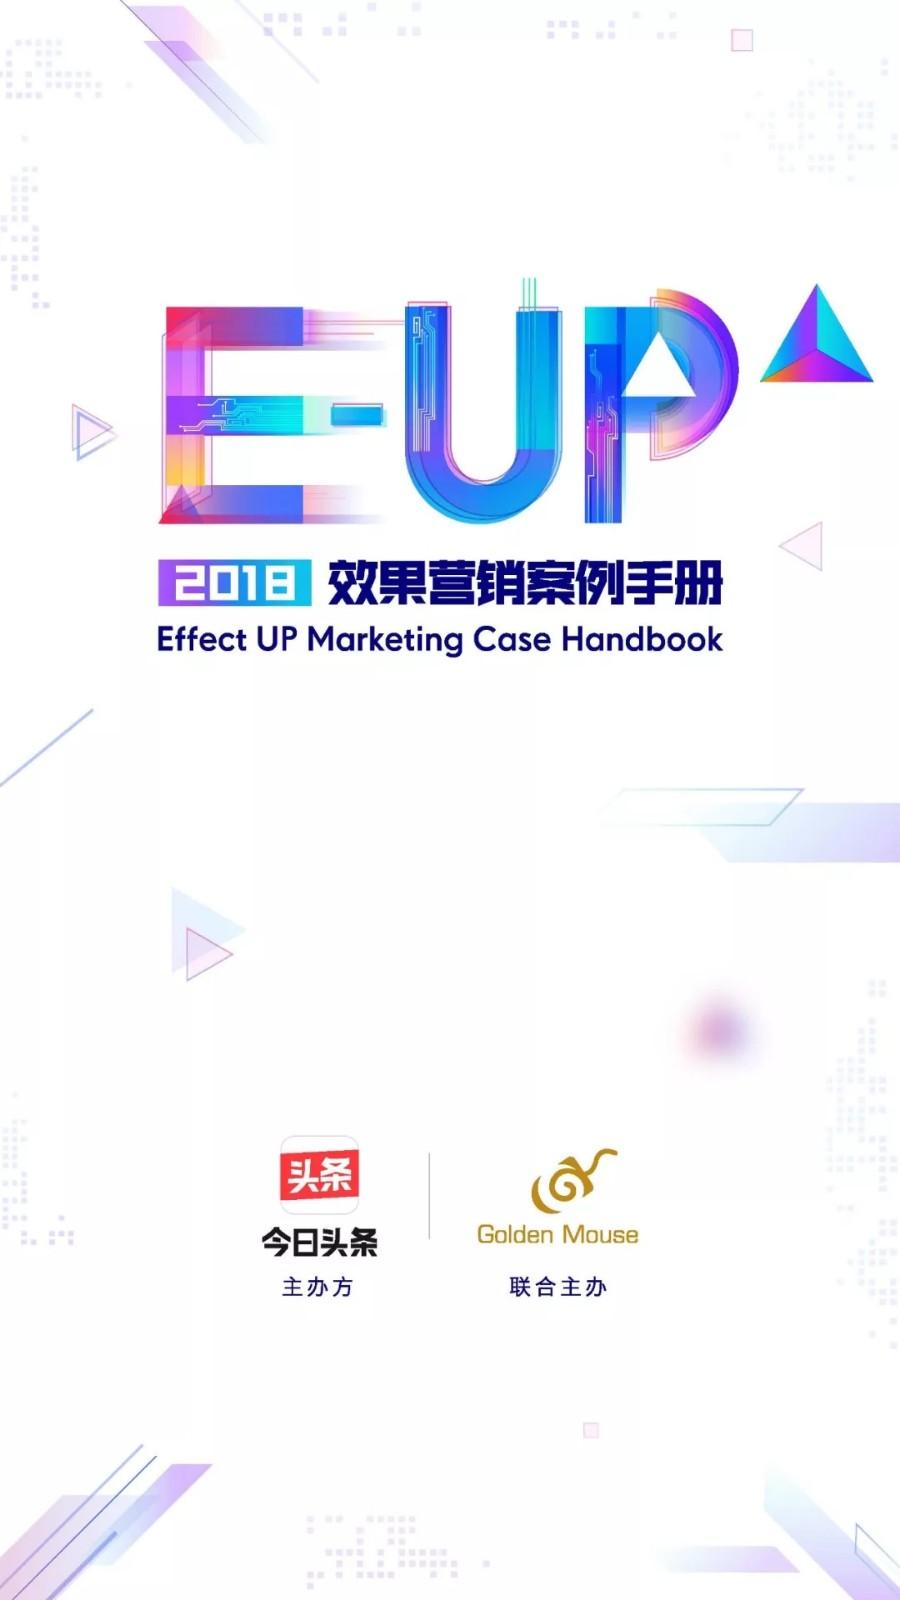 今日头条发布《2018效果营销案例手册》      _高兴信息流SEM